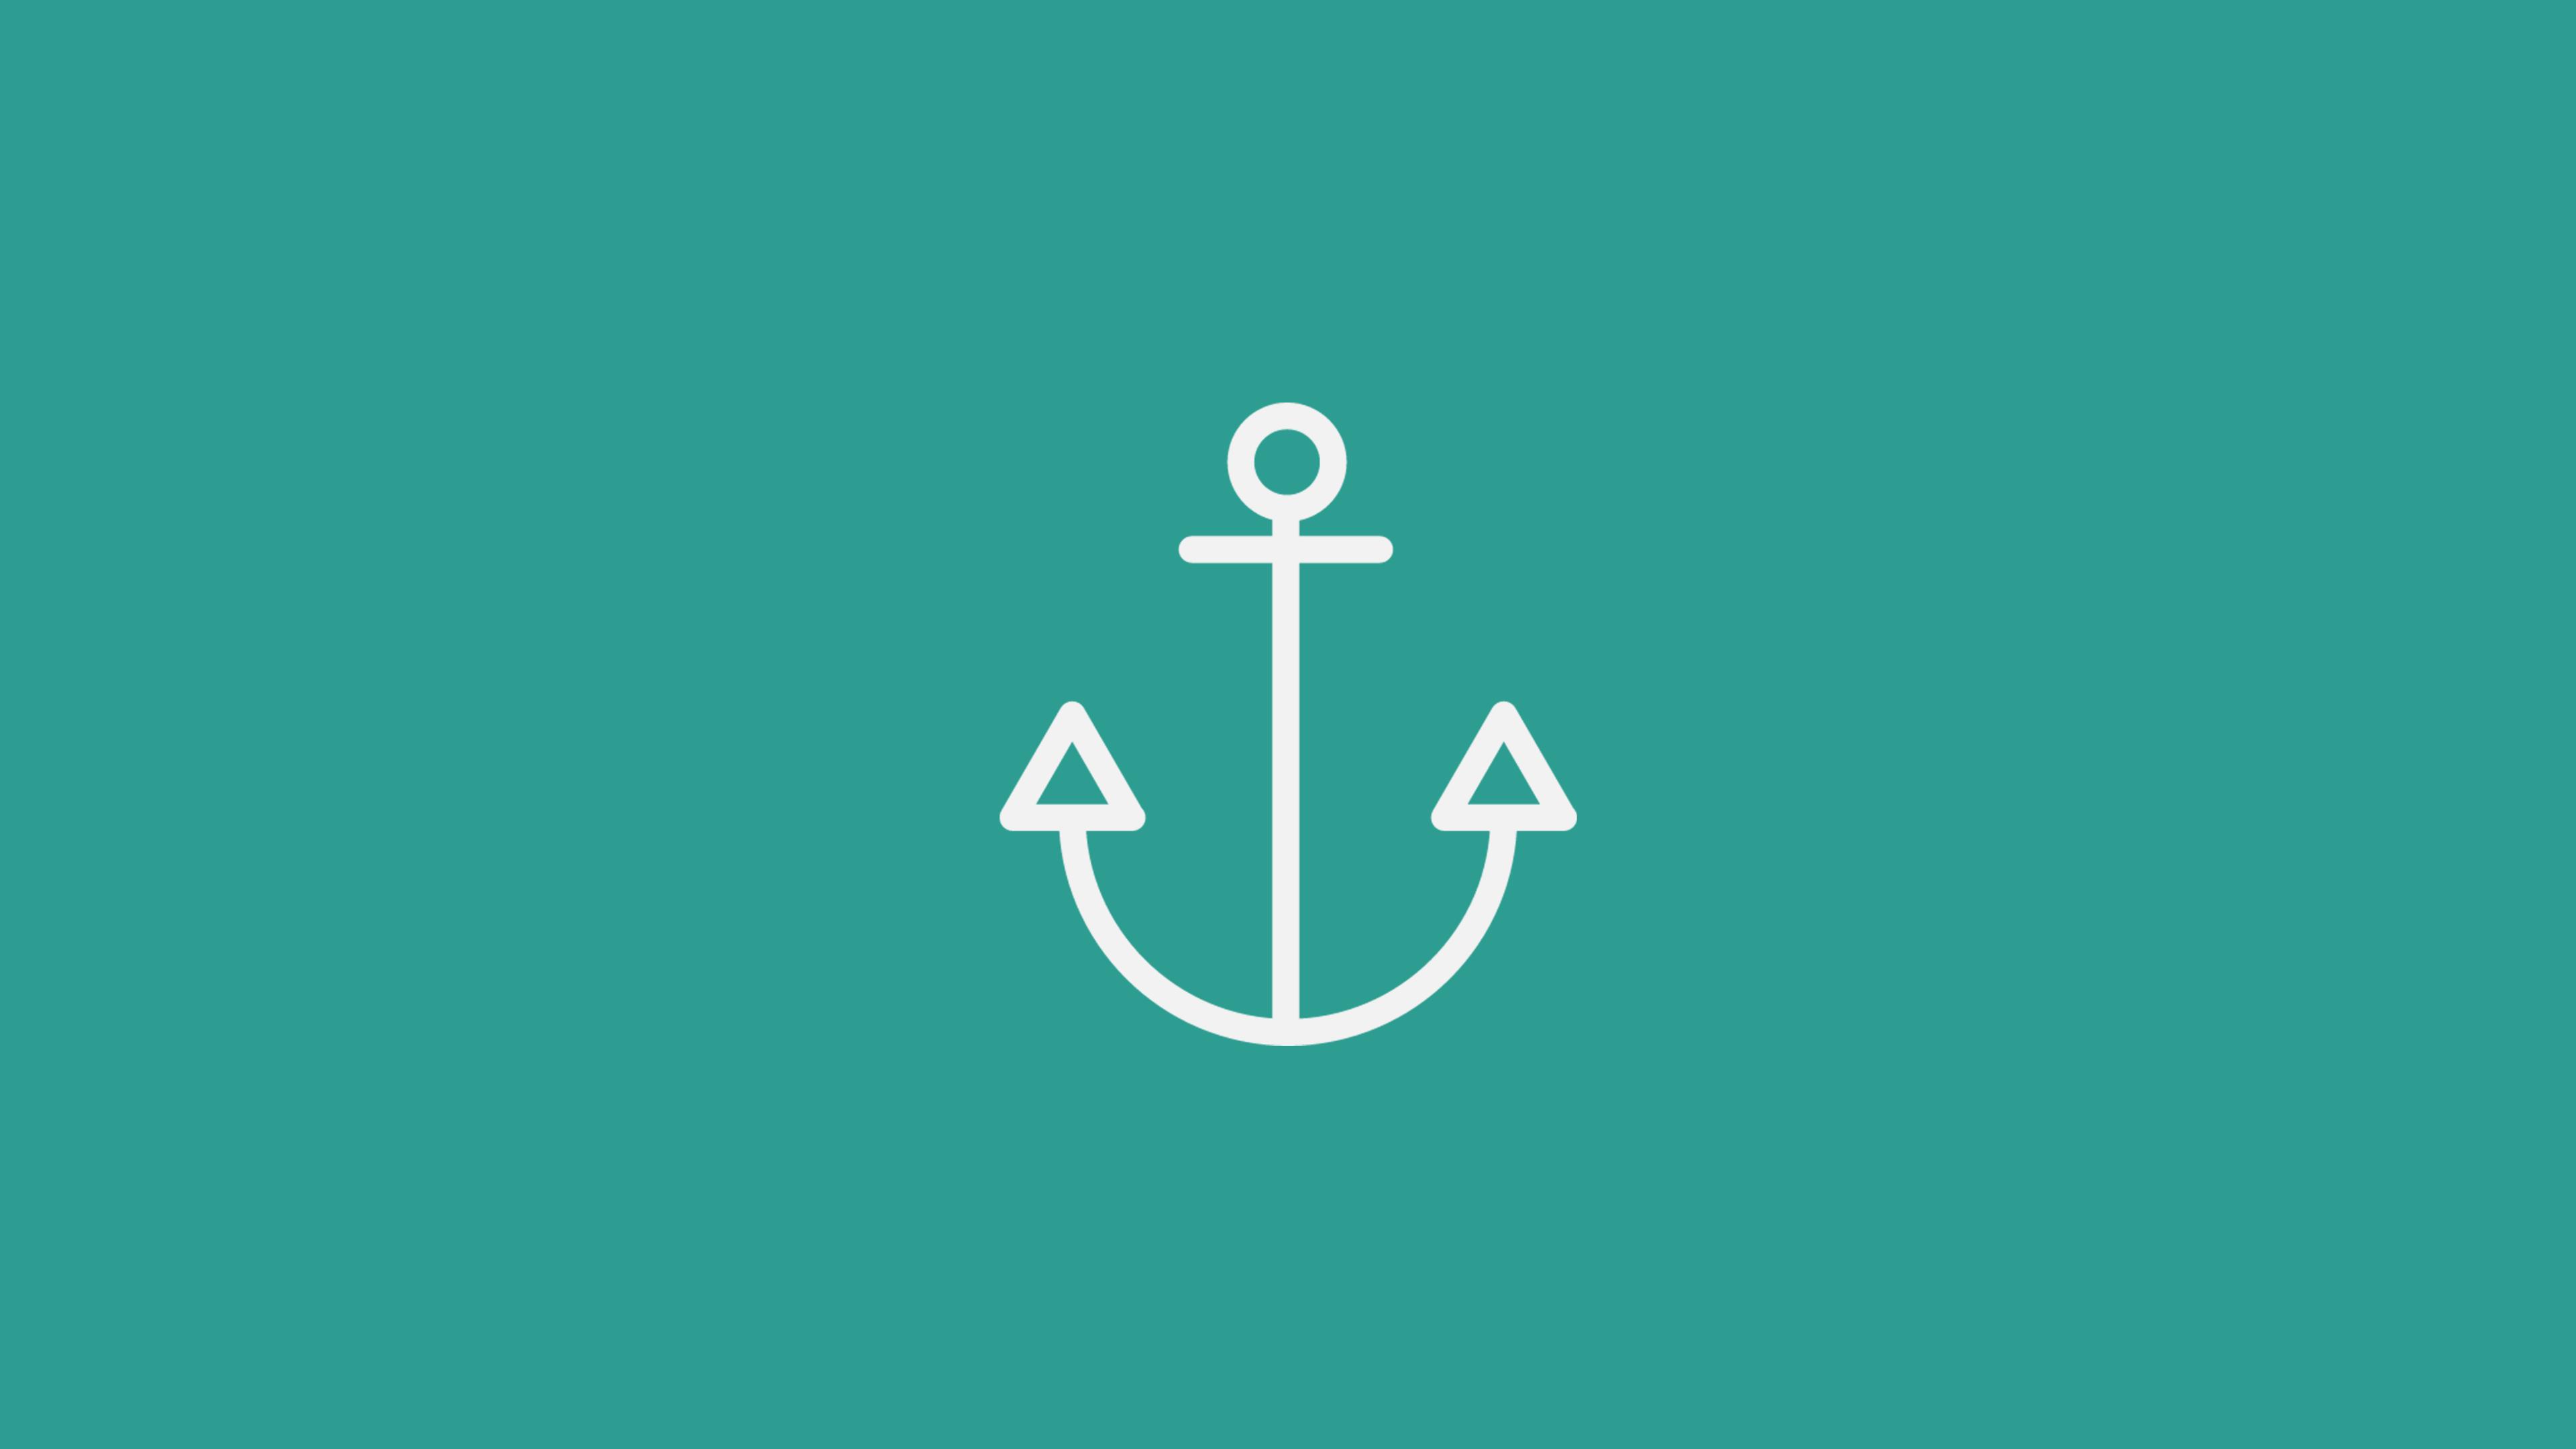 Minimal Anchor Cerca Con Google Anchor Wallpaper Hd Cool Wallpapers Nautical Wallpaper